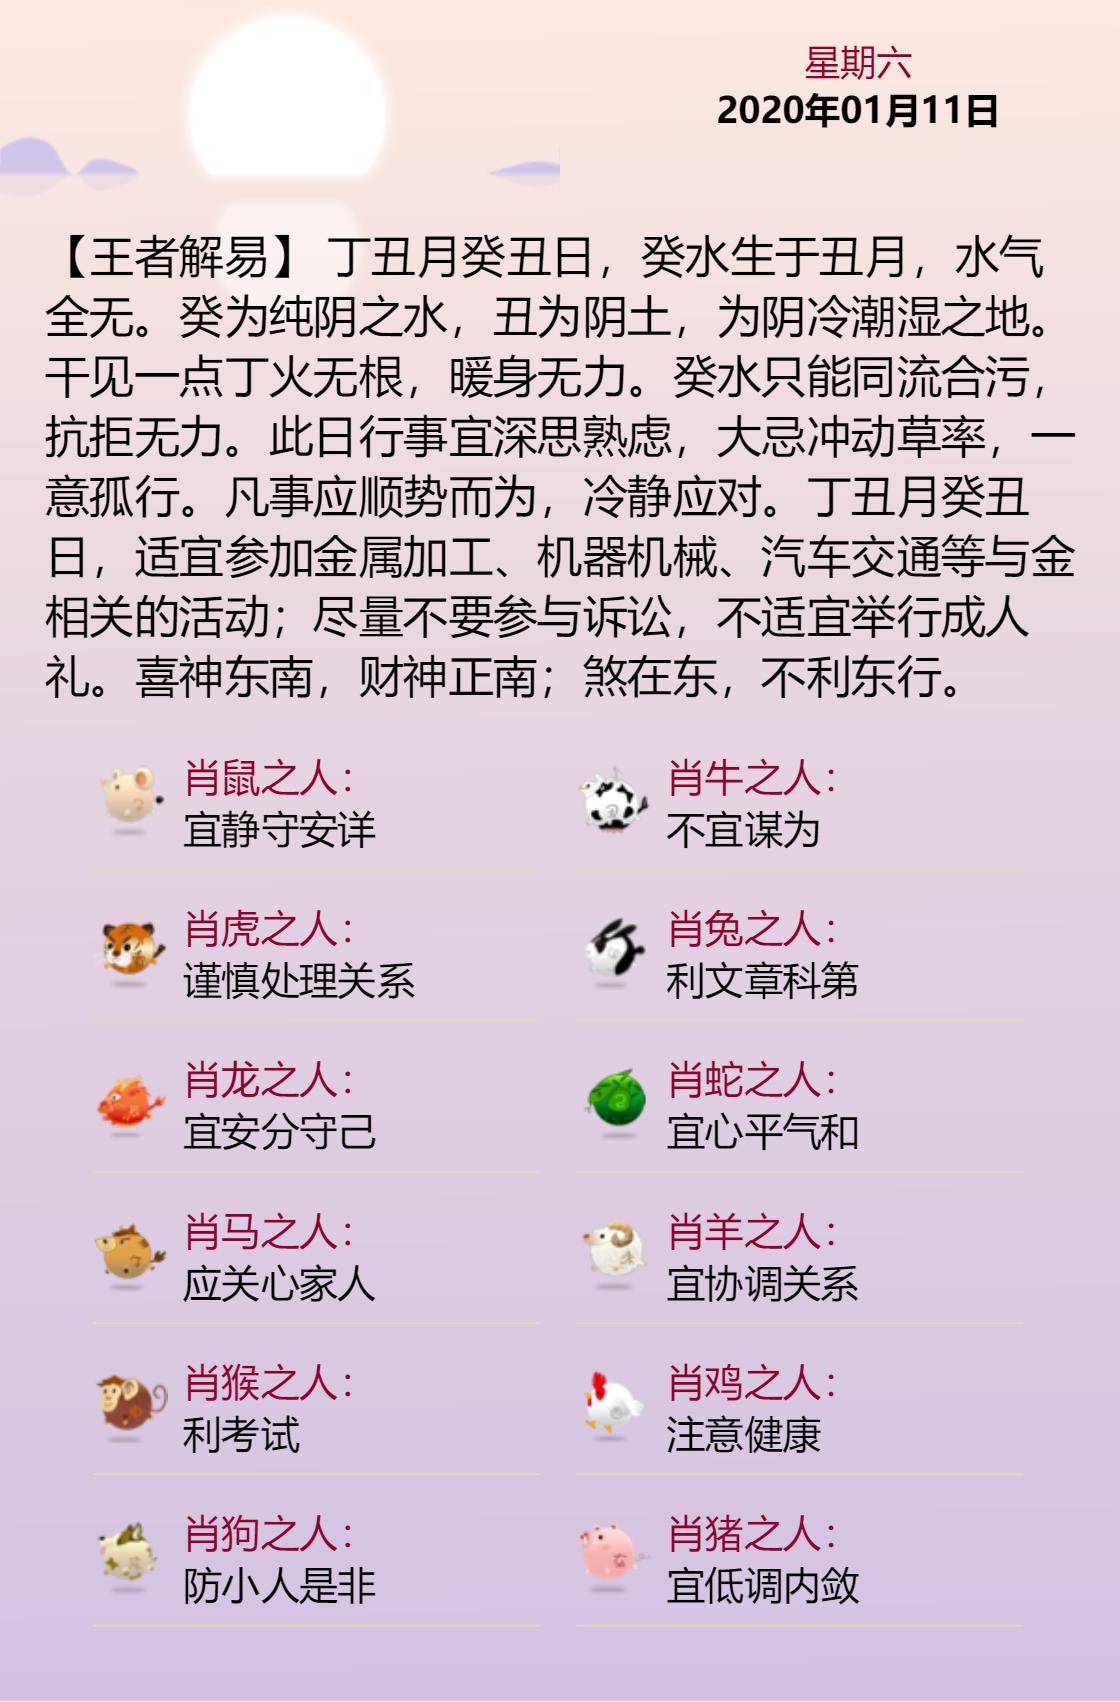 黄历海报20200111.png